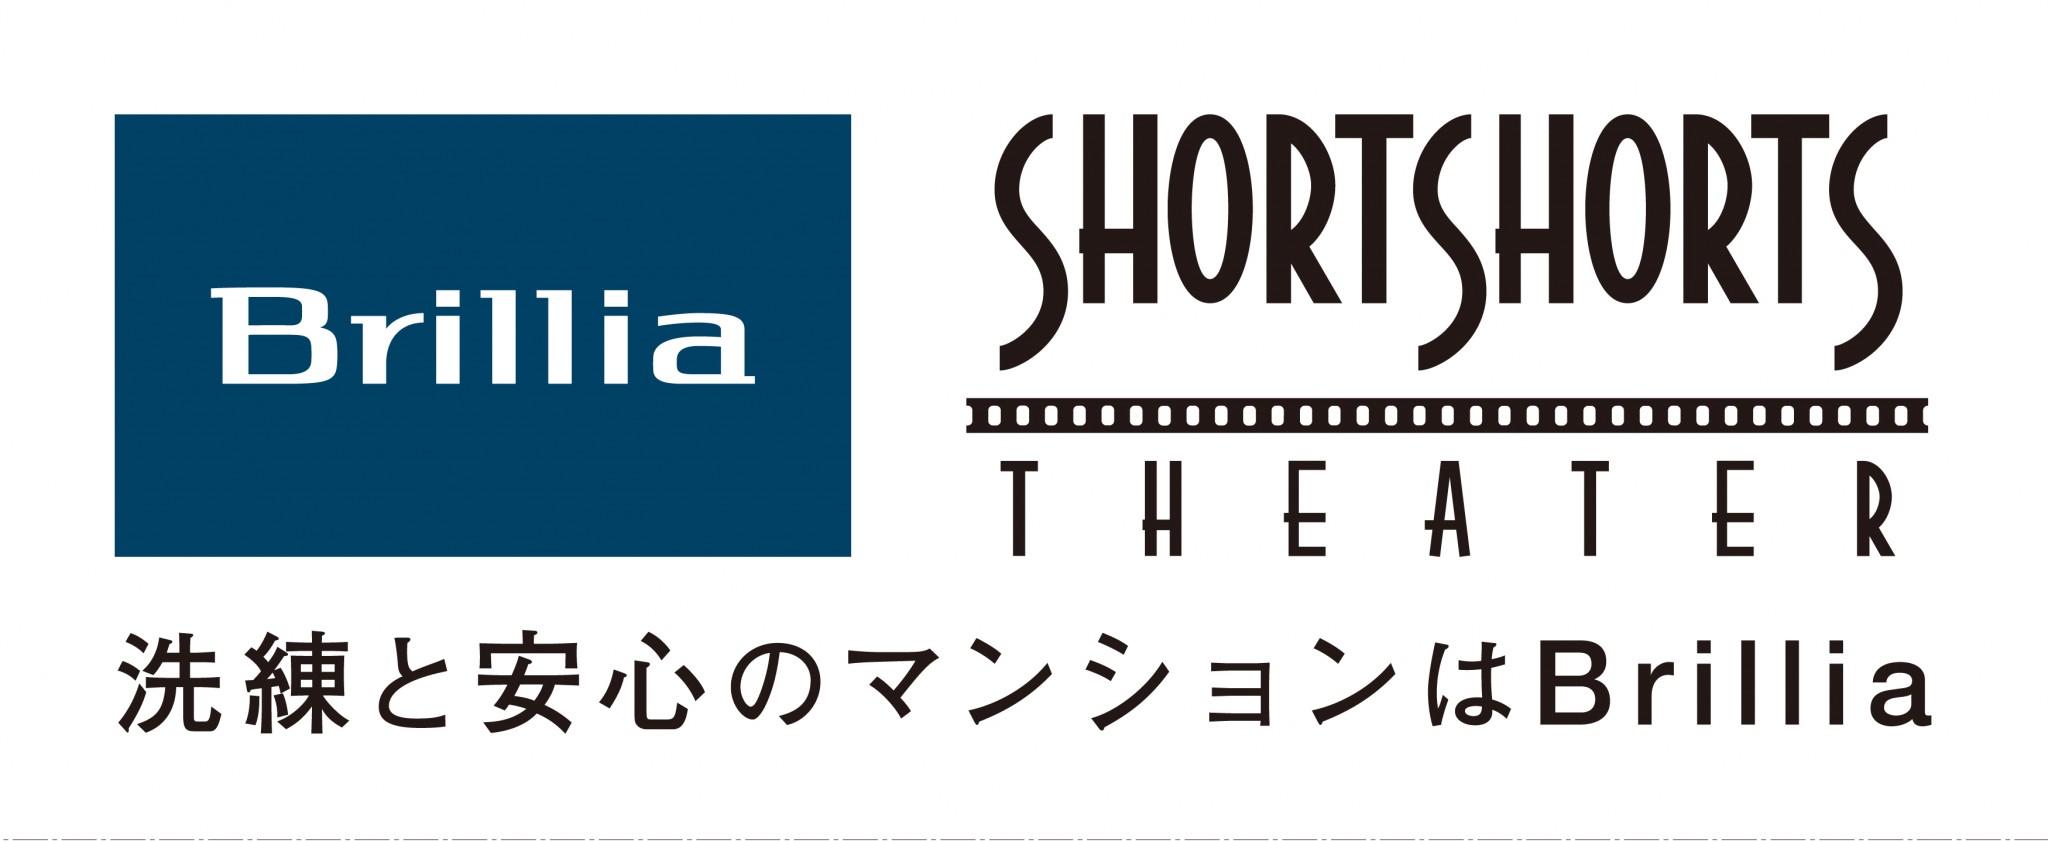 「別所哲也ショートショートの特別な夜」放送決定~ブリリアショートショートシア